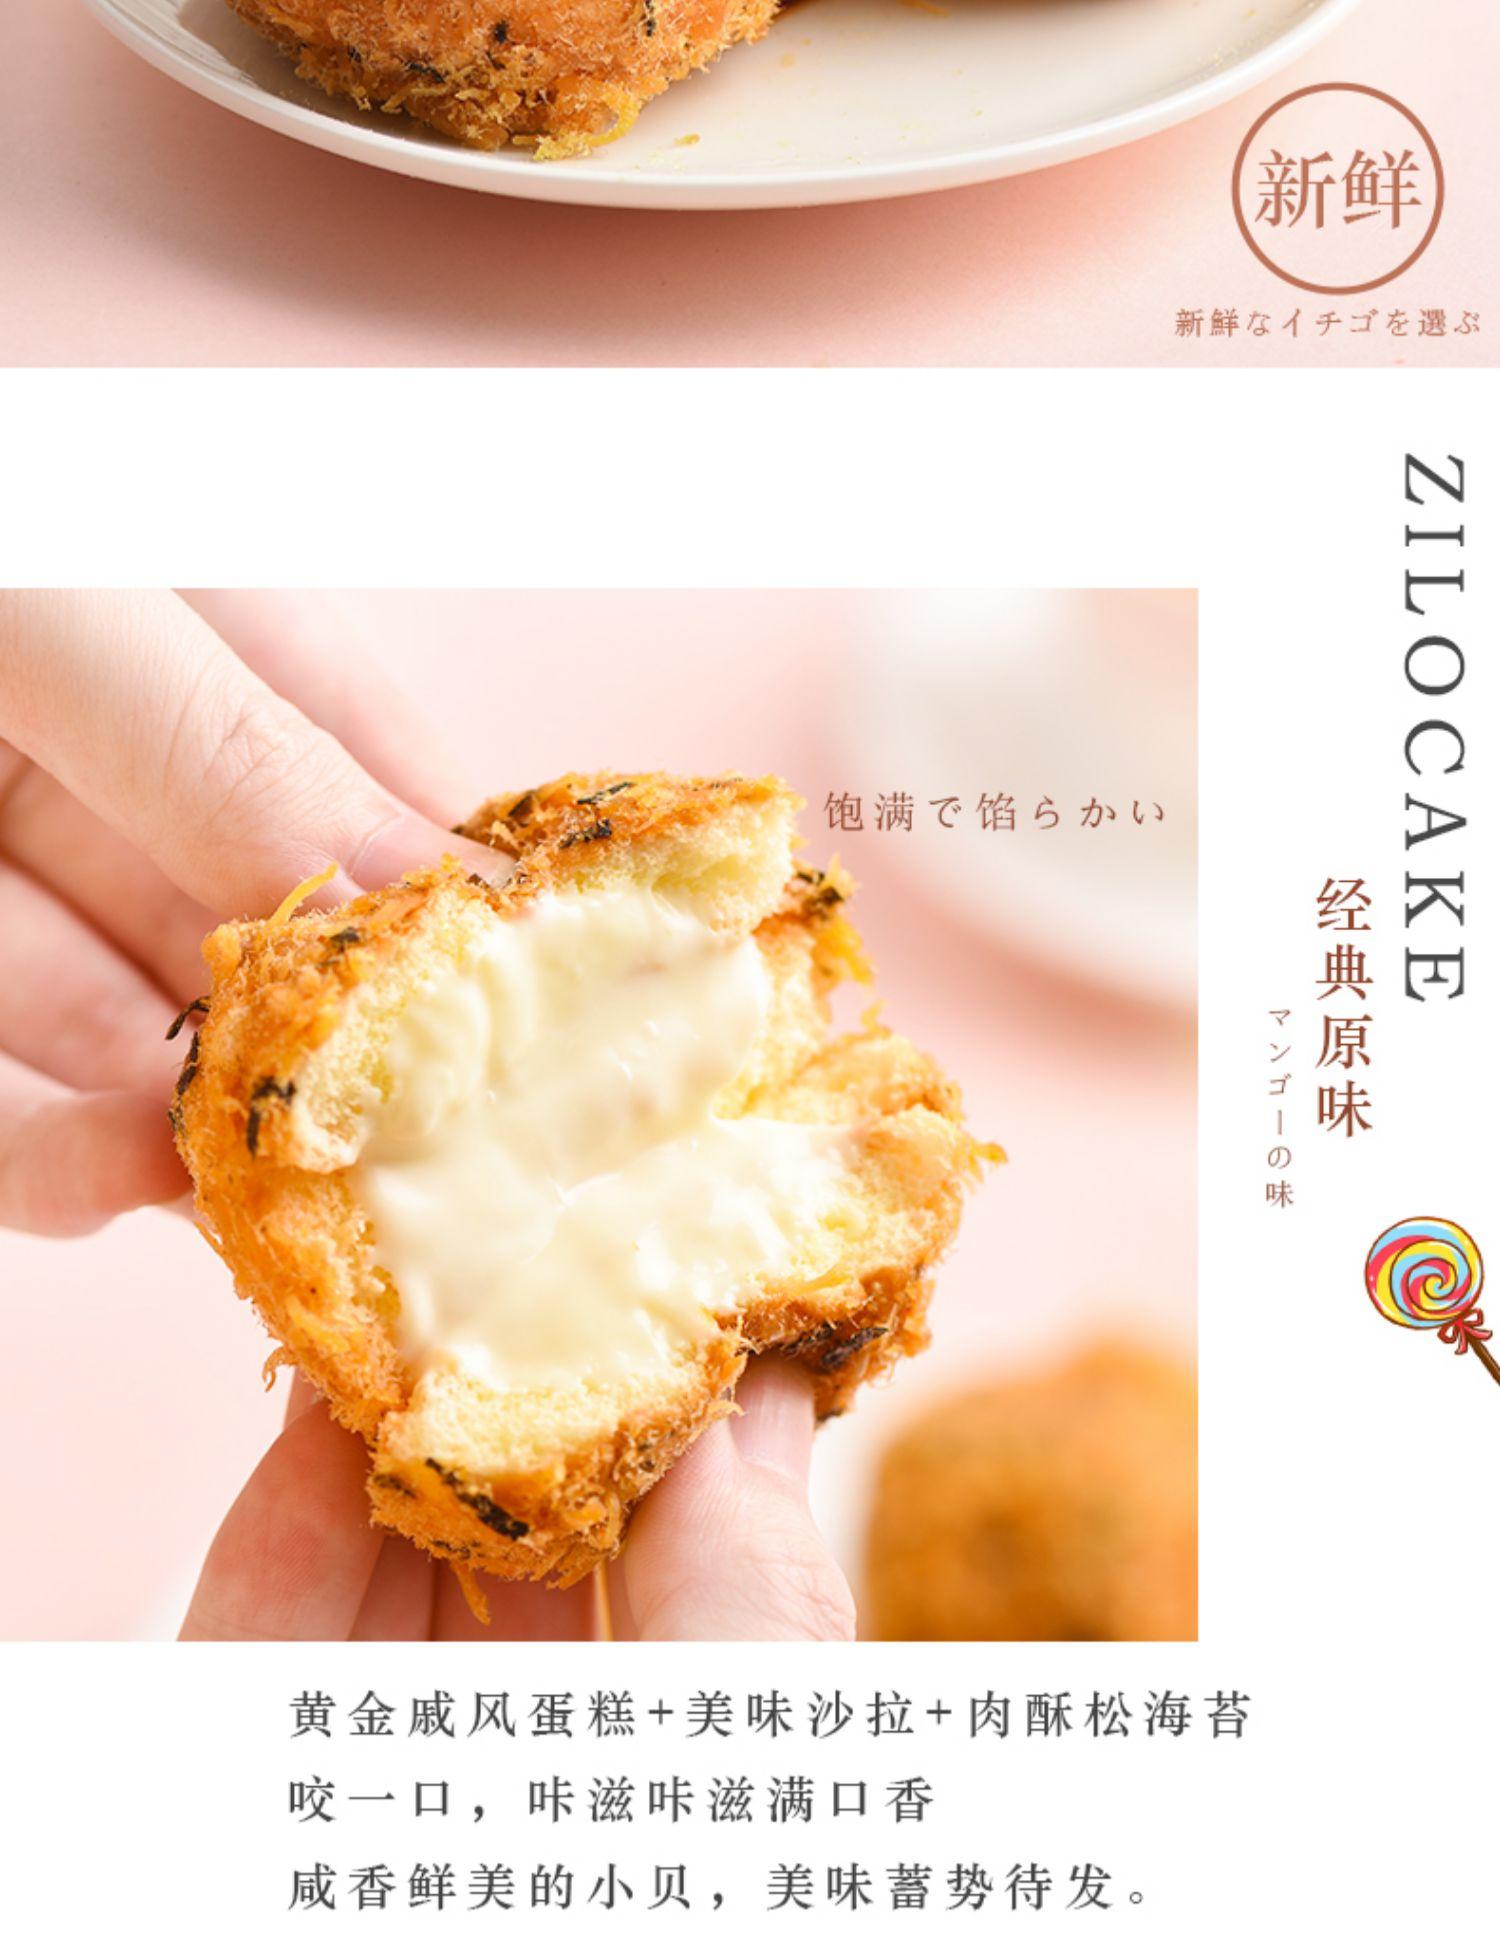 芝洛洛肉松小贝蛋糕海苔肉松面包网红小贝肉松饼小吃糕点心零食